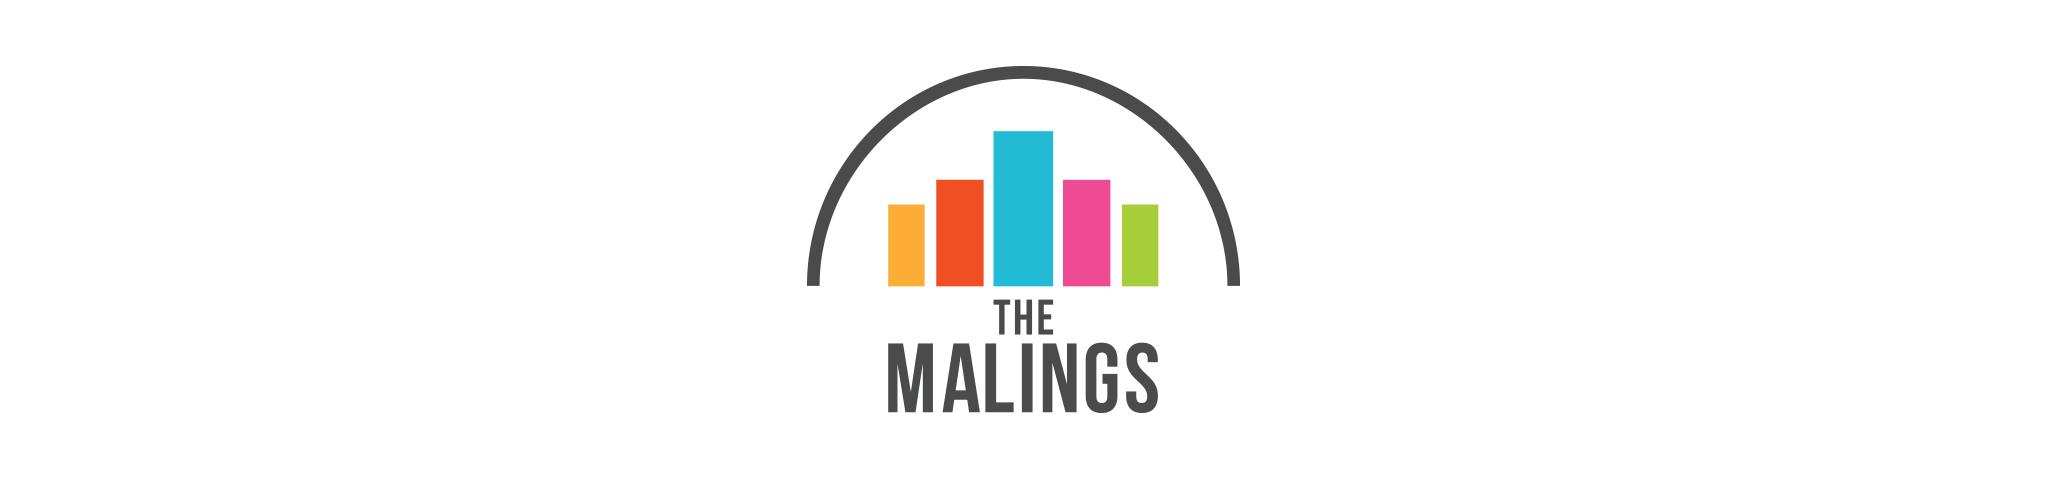 The Malings Portfolio 8